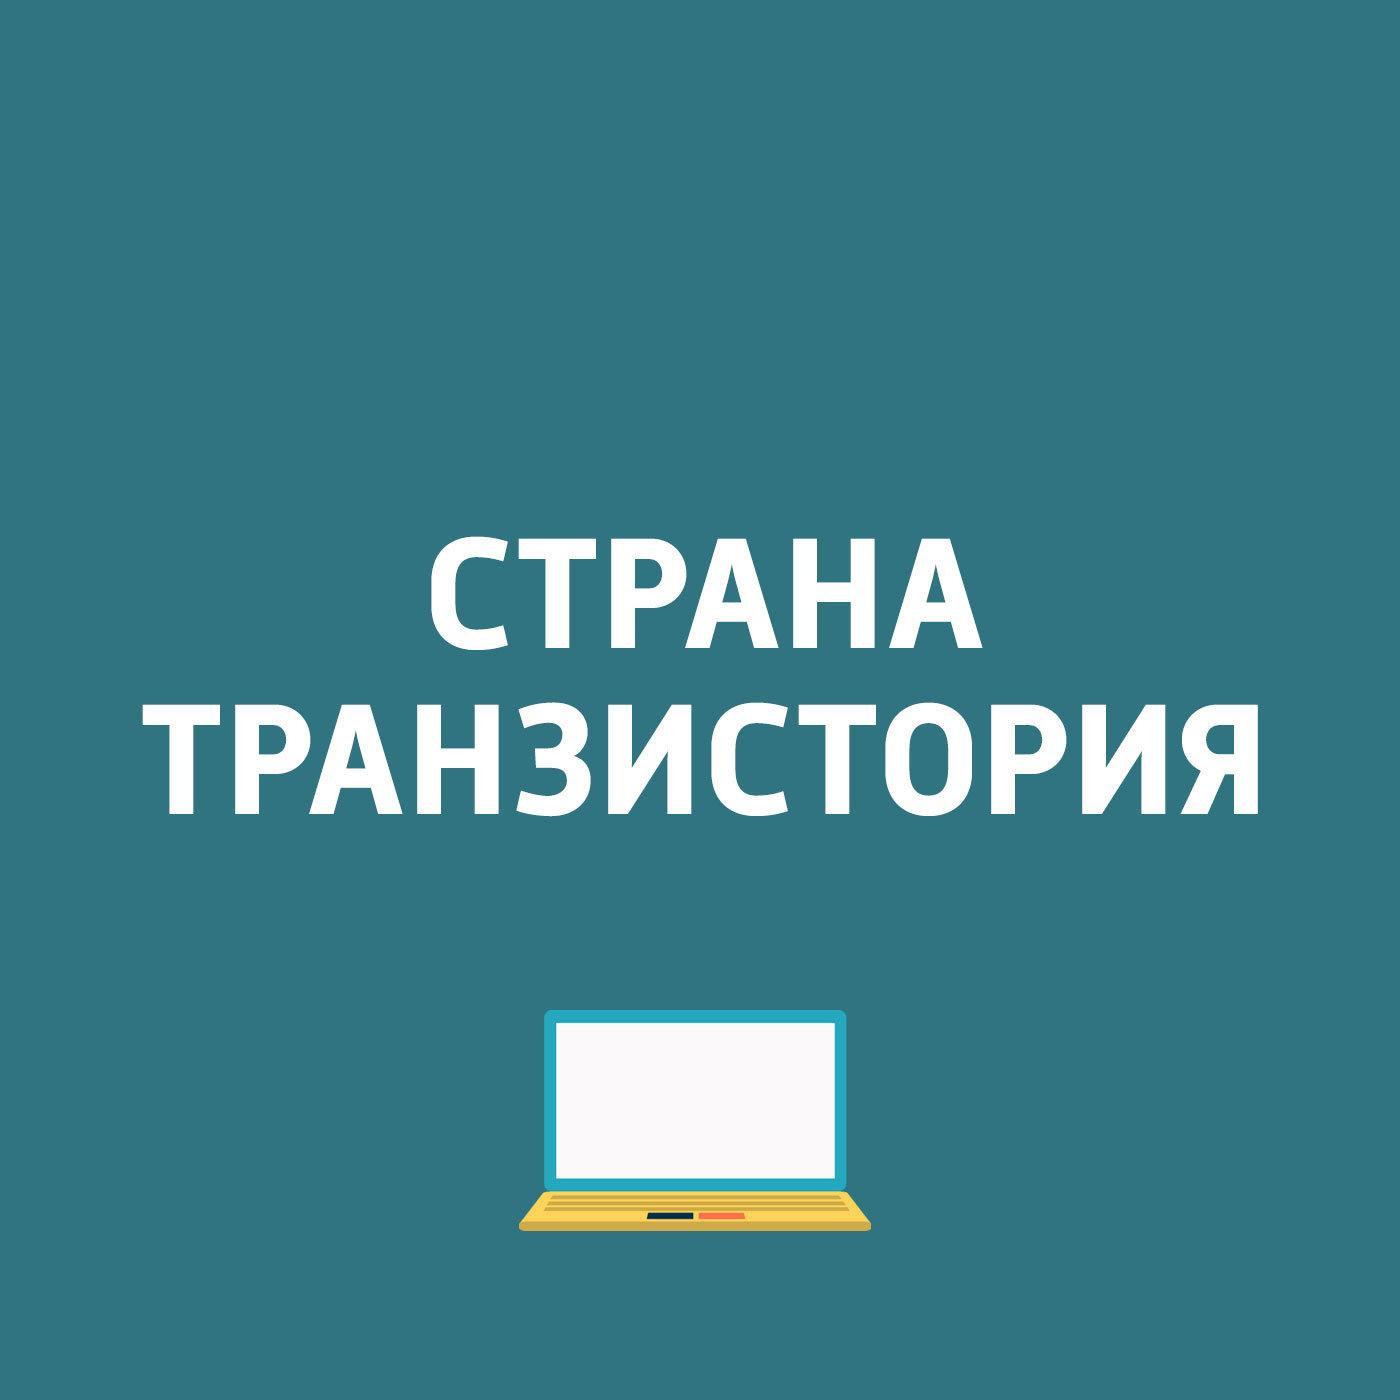 Картаев Павел Павел Картаев о поездке по Алтаю картаев павел девушкам нравятся любители салатов